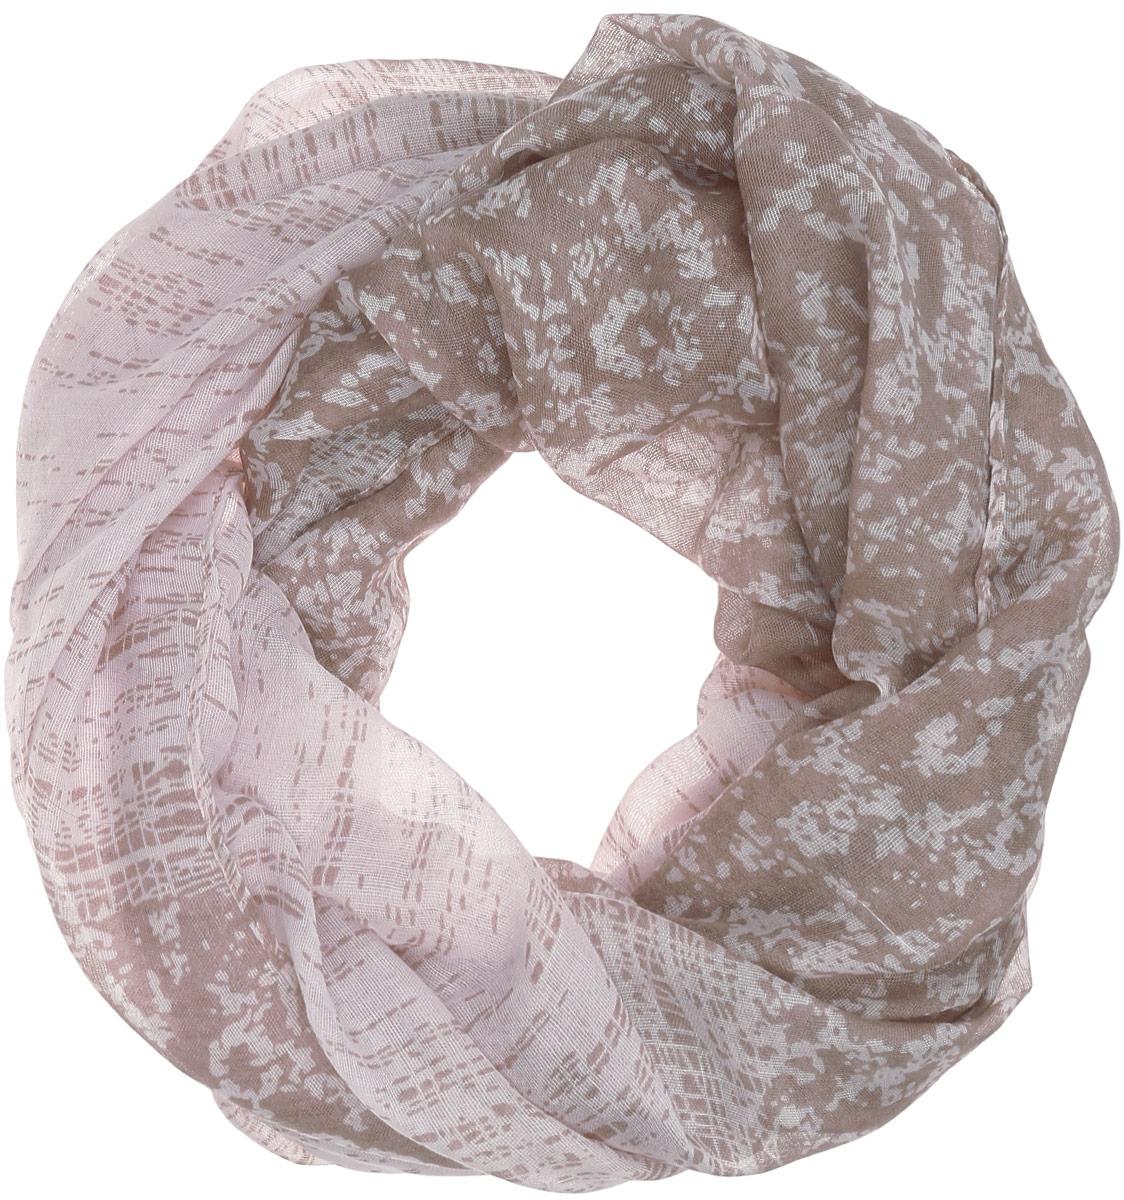 Палантин женский Labbra, цвет: бледно-розовый, бежевый. LDB31-619. Размер 90 см х 180 смLDB31-619Элегантный палантин Labbra станет достойным завершением вашего образа.Палантин изготовлен из вискозы. Модель оформлена оригинальным абстрактным принтом. Палантин красиво драпируется, он превосходно дополнит любой наряд и подчеркнет ваш изысканный вкус.Легкий и изящный палантин привнесет в ваш образ утонченность и шарм.